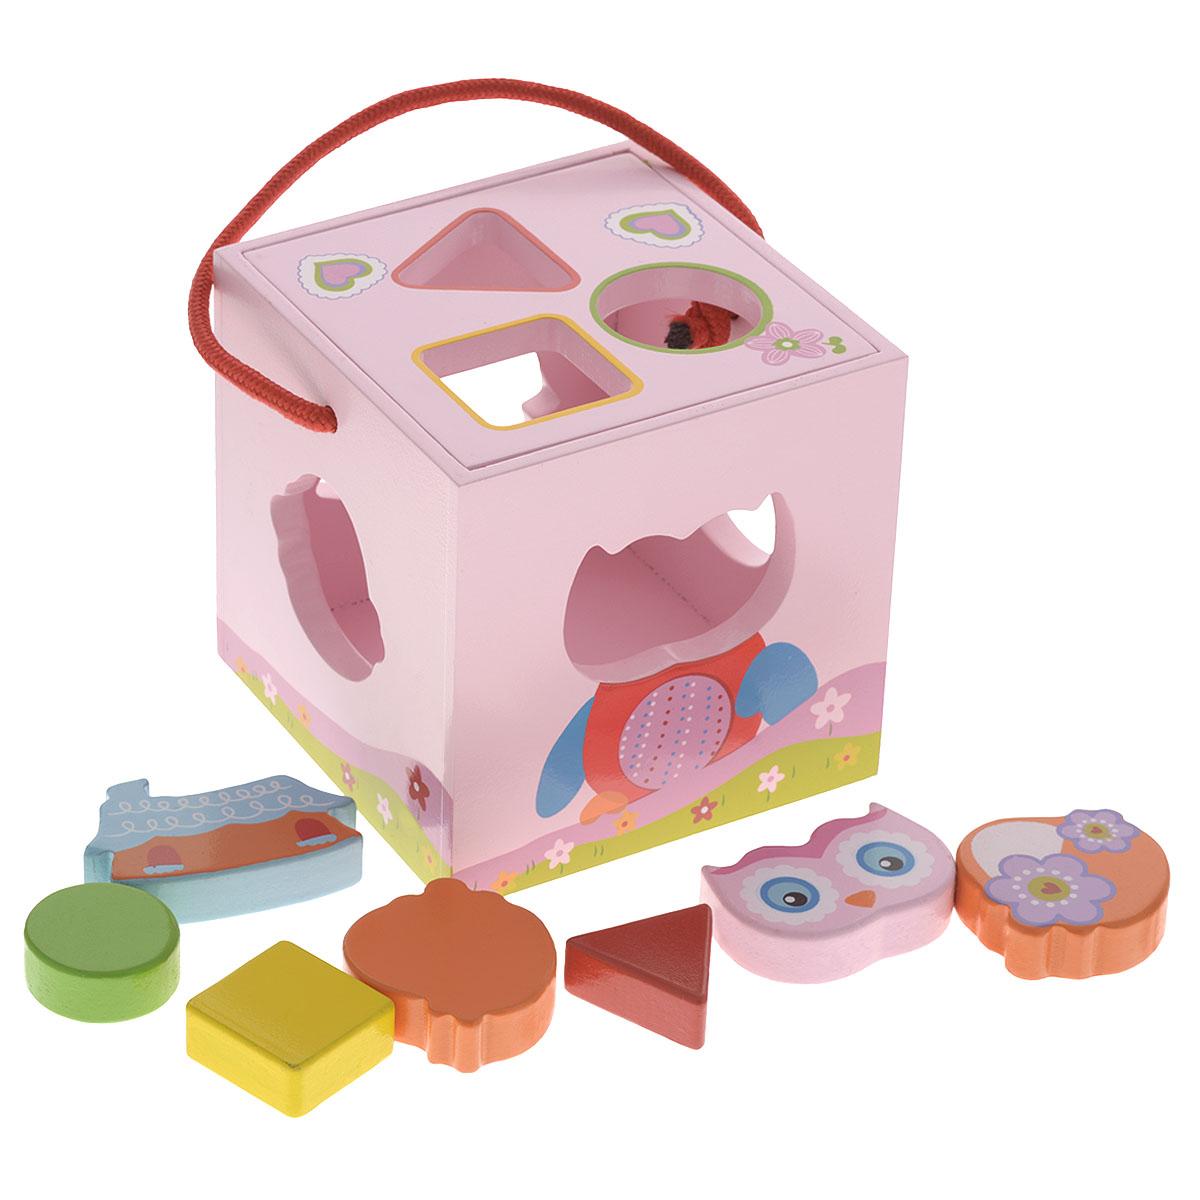 Развивающая игрушка-сортер Mapacha Волшебный кубик76423Яркая развивающая игрушка-сортер Mapacha Волшебный кубик обязательно понравится вашему малышу и доставит ему много удовольствия от часов, посвященных игре с ней. Игрушка выполнена в виде деревянного кубика с удобной ручкой. В кубике проделаны фигурные отверстия. В дополнение к игрушке идут 7 красочных фигурок. Задача ребенка - вставить каждую фигурку в подходящее ей отверстие. Фигурки можно хранить в сортере, сняв крышку кубика. Занятия с такой игрушкой помогут малышу развить цветовое восприятие, воображение и мелкую моторику рук. Порадуйте своего малыша таким замечательным подарком!